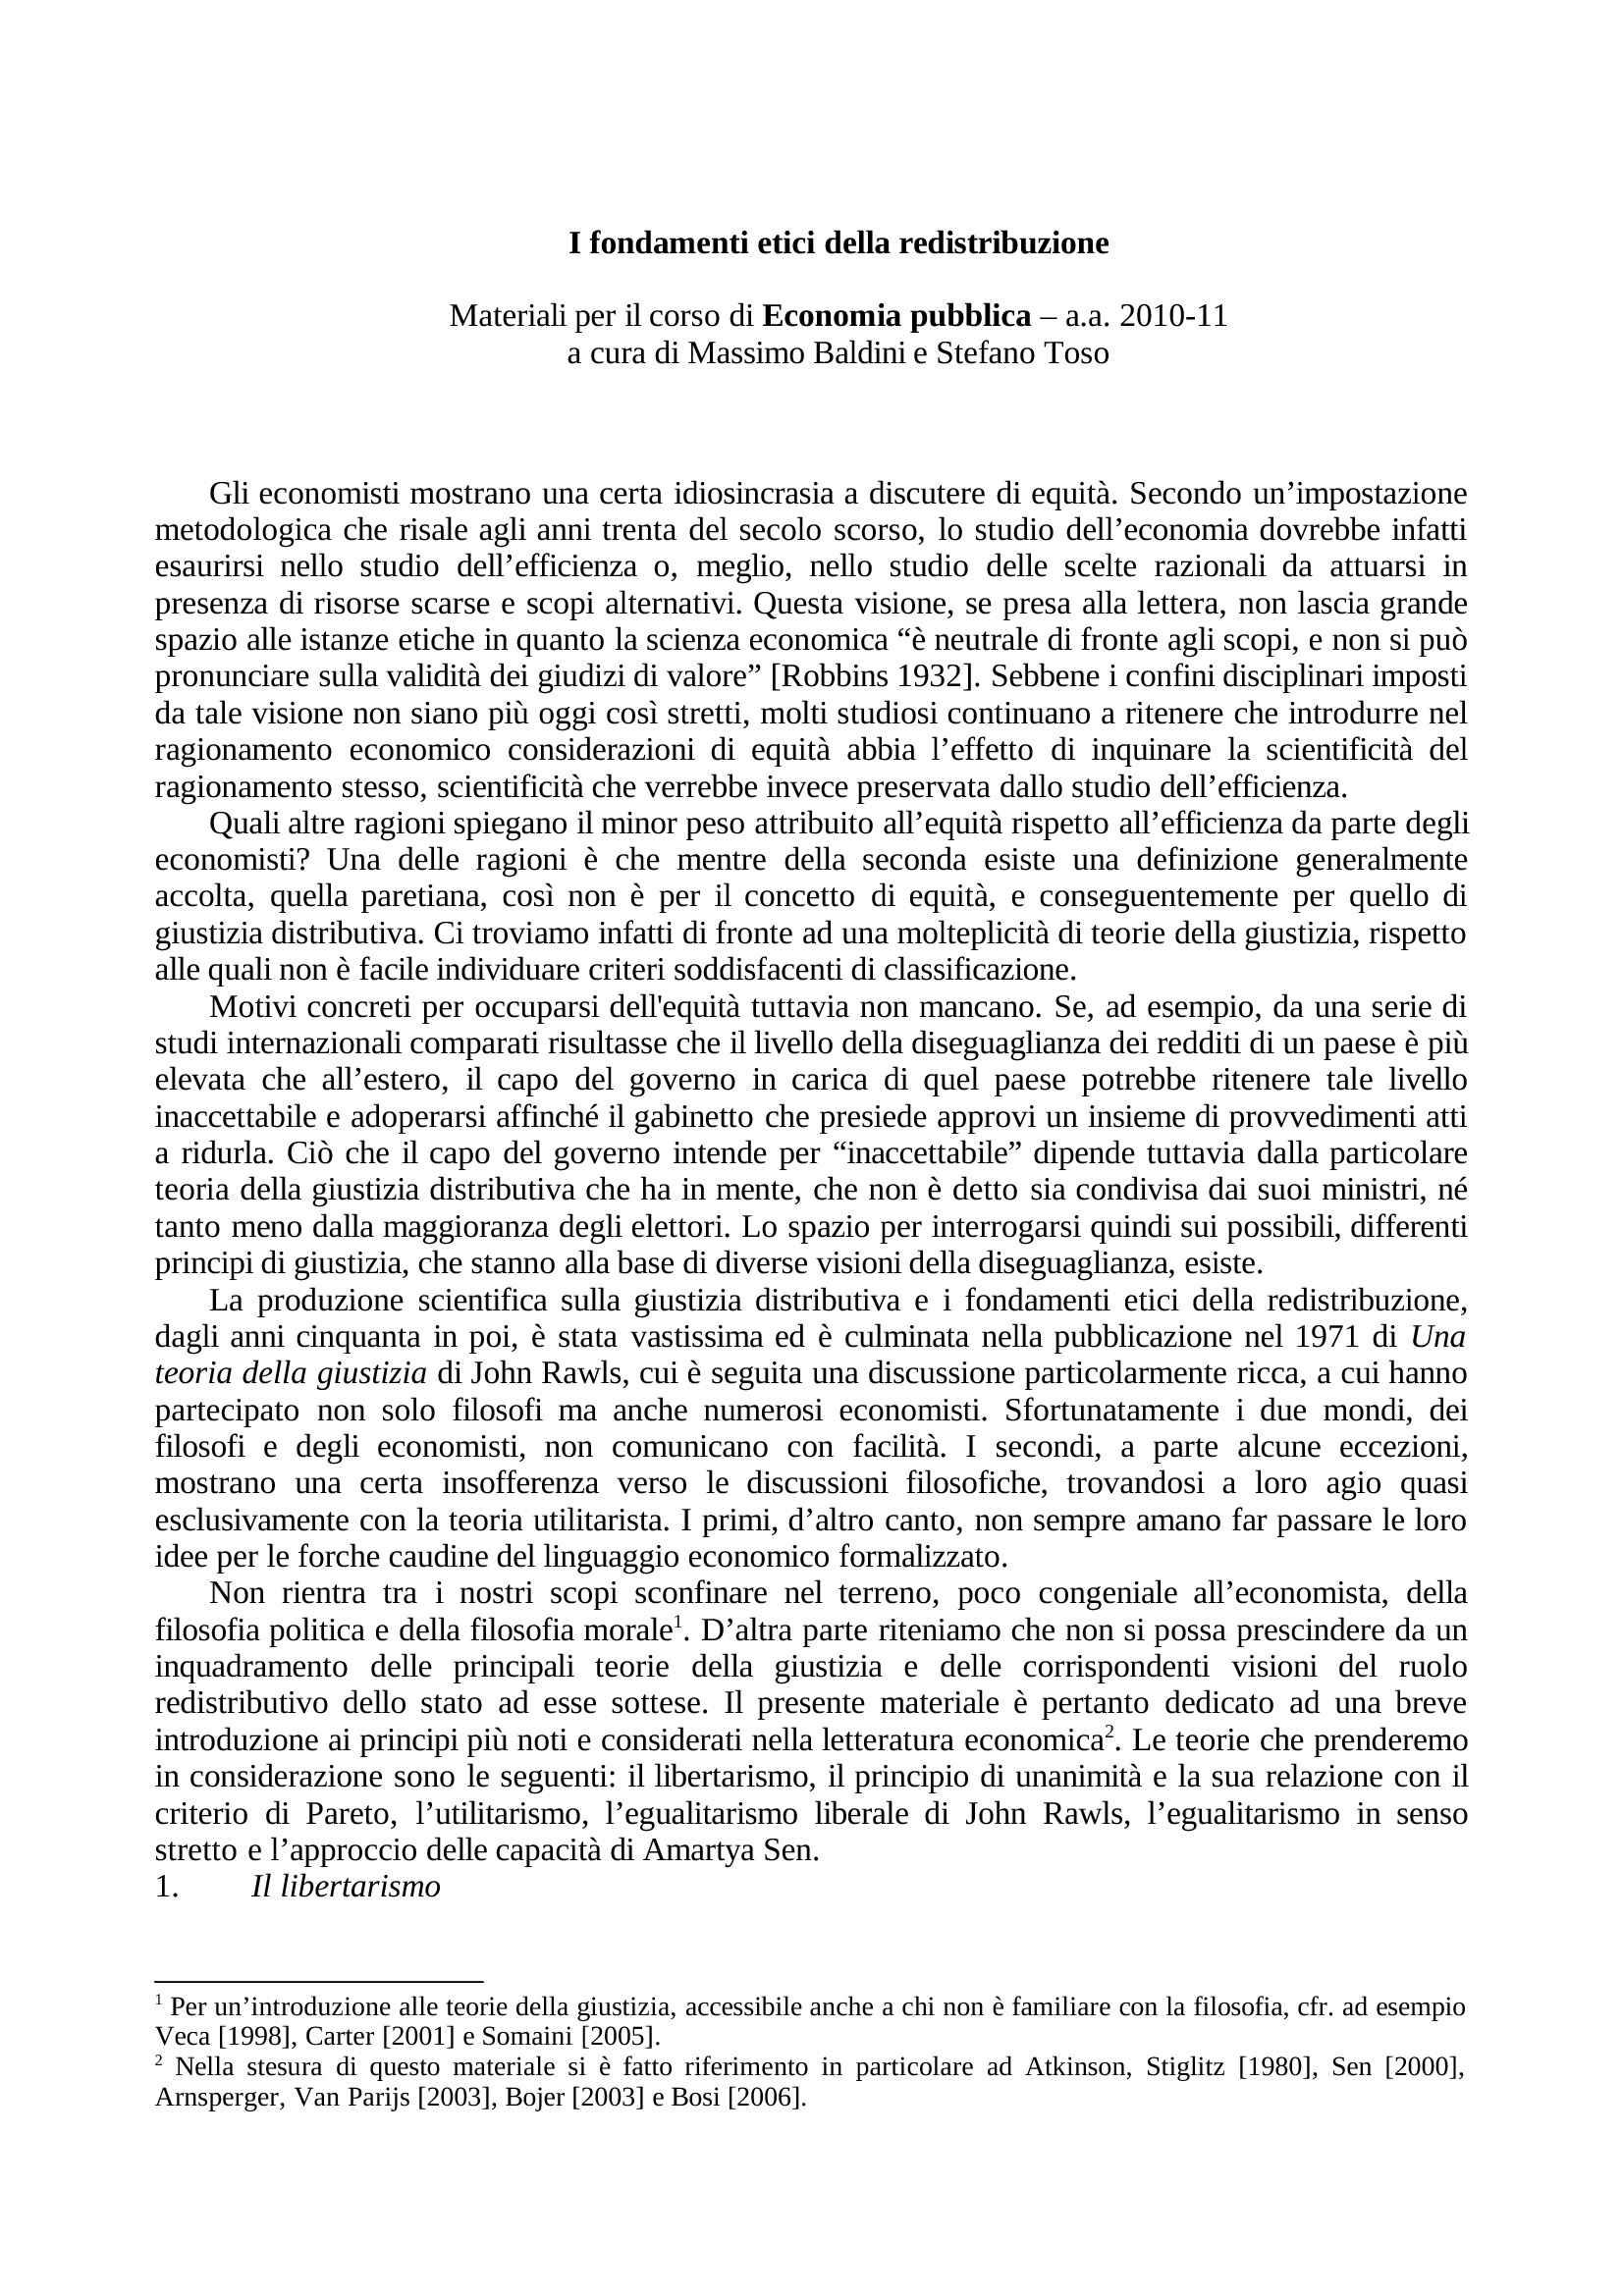 Redistribuzione di ricchezza - Teorie ed etica